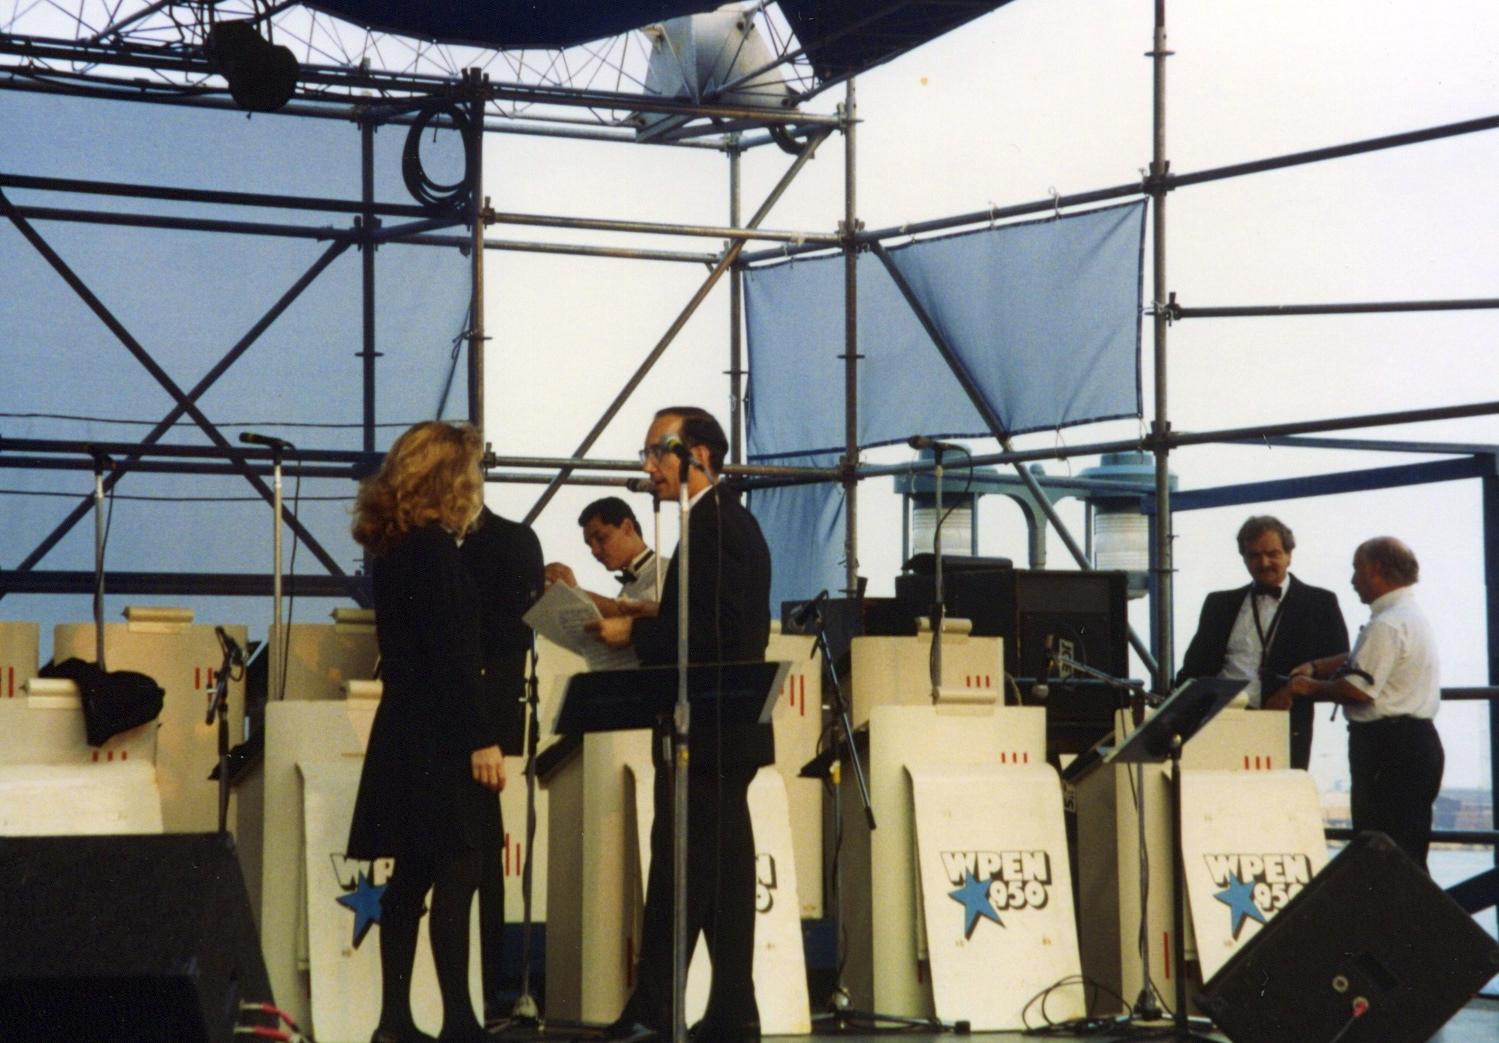 1993-08-12 PENNS LANDING 12.jpeg